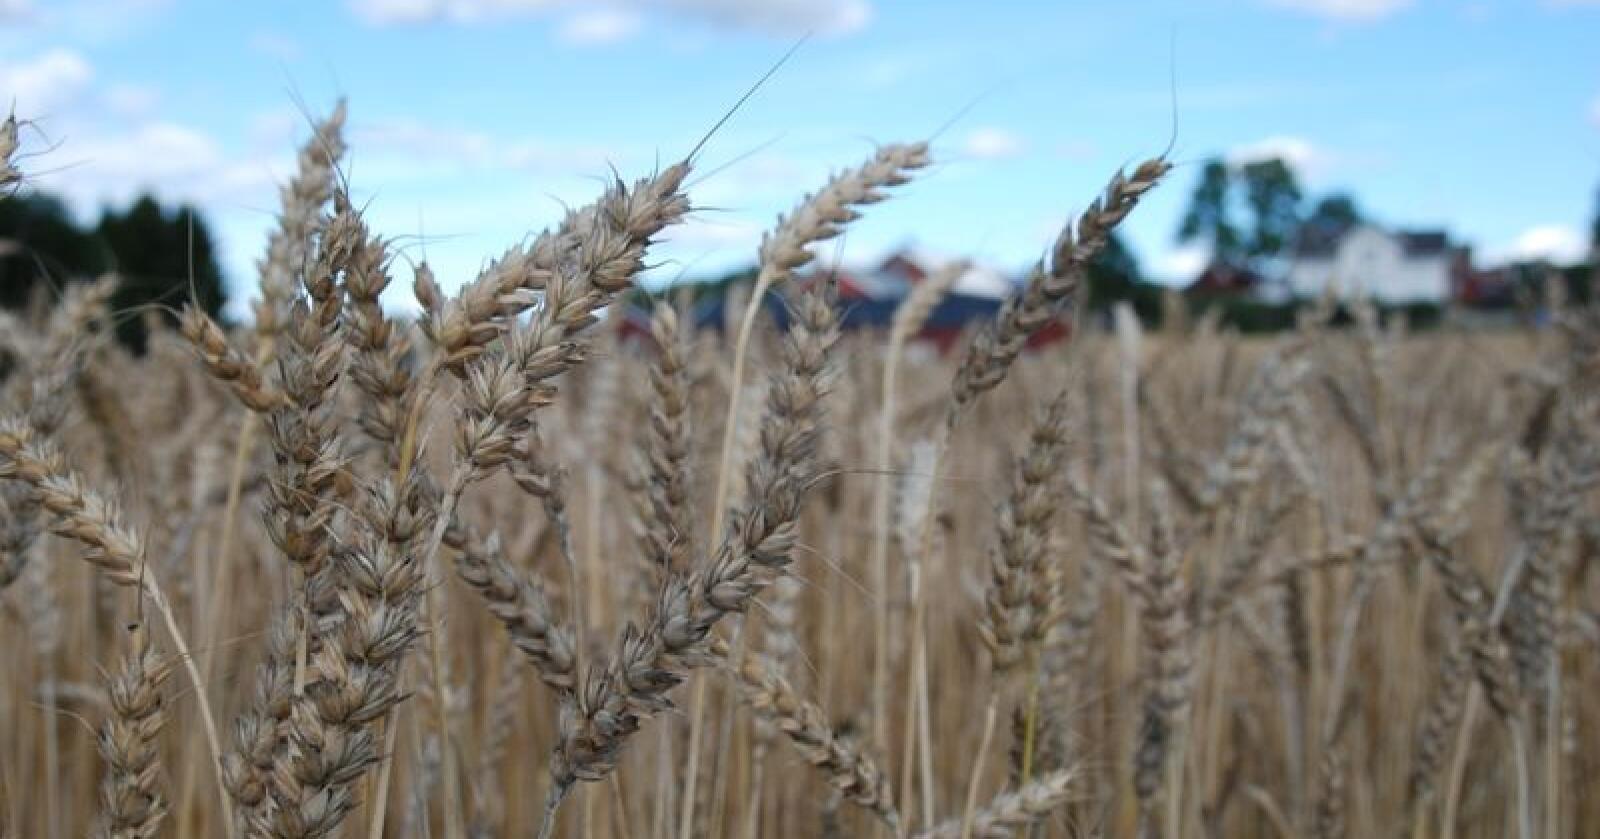 Analysebyrå forventer et betydelig fall i europeisk hveteproduksjon i 2020. Bildet viser en hveteåker i Ås, Akershus. Foto: Karl Erik Berge